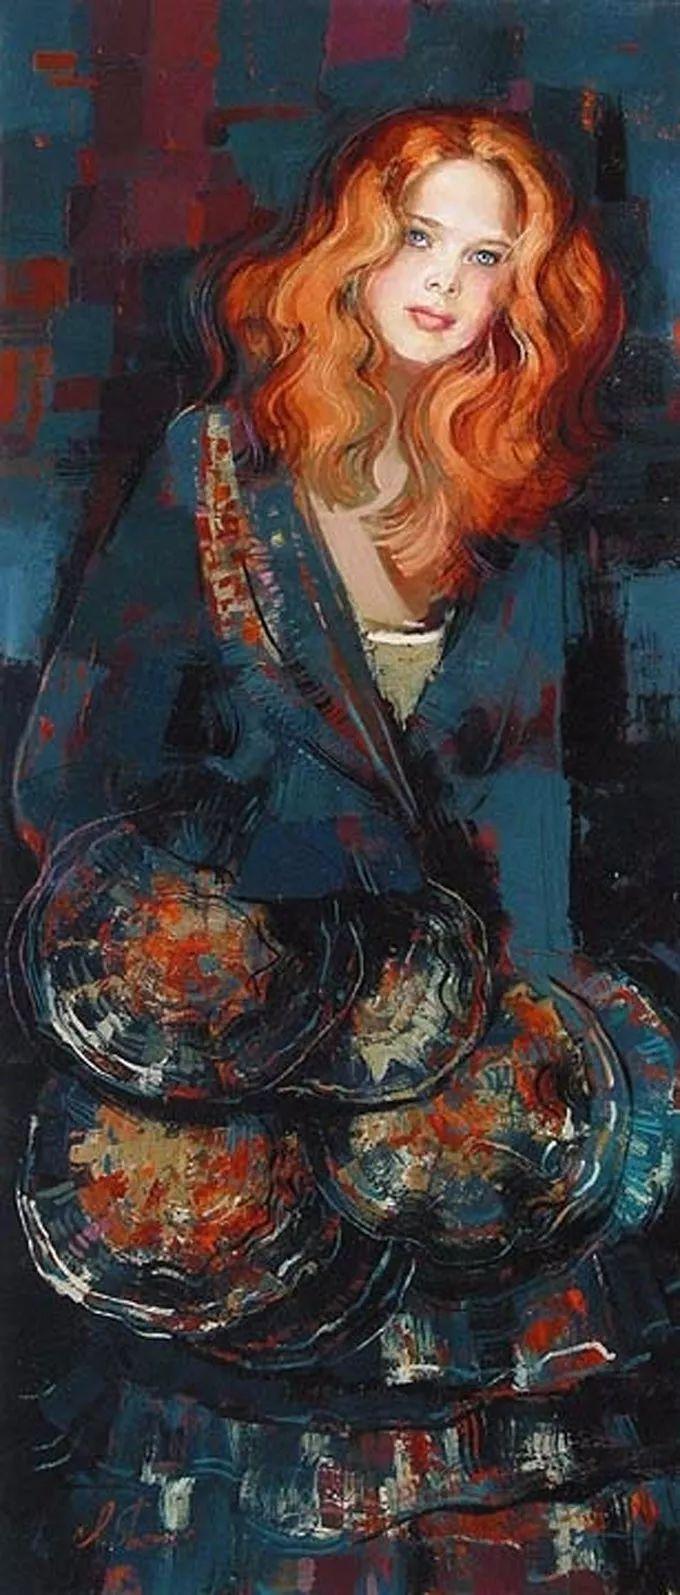 她的油画里,有一种惊艳脱俗的美!插图43